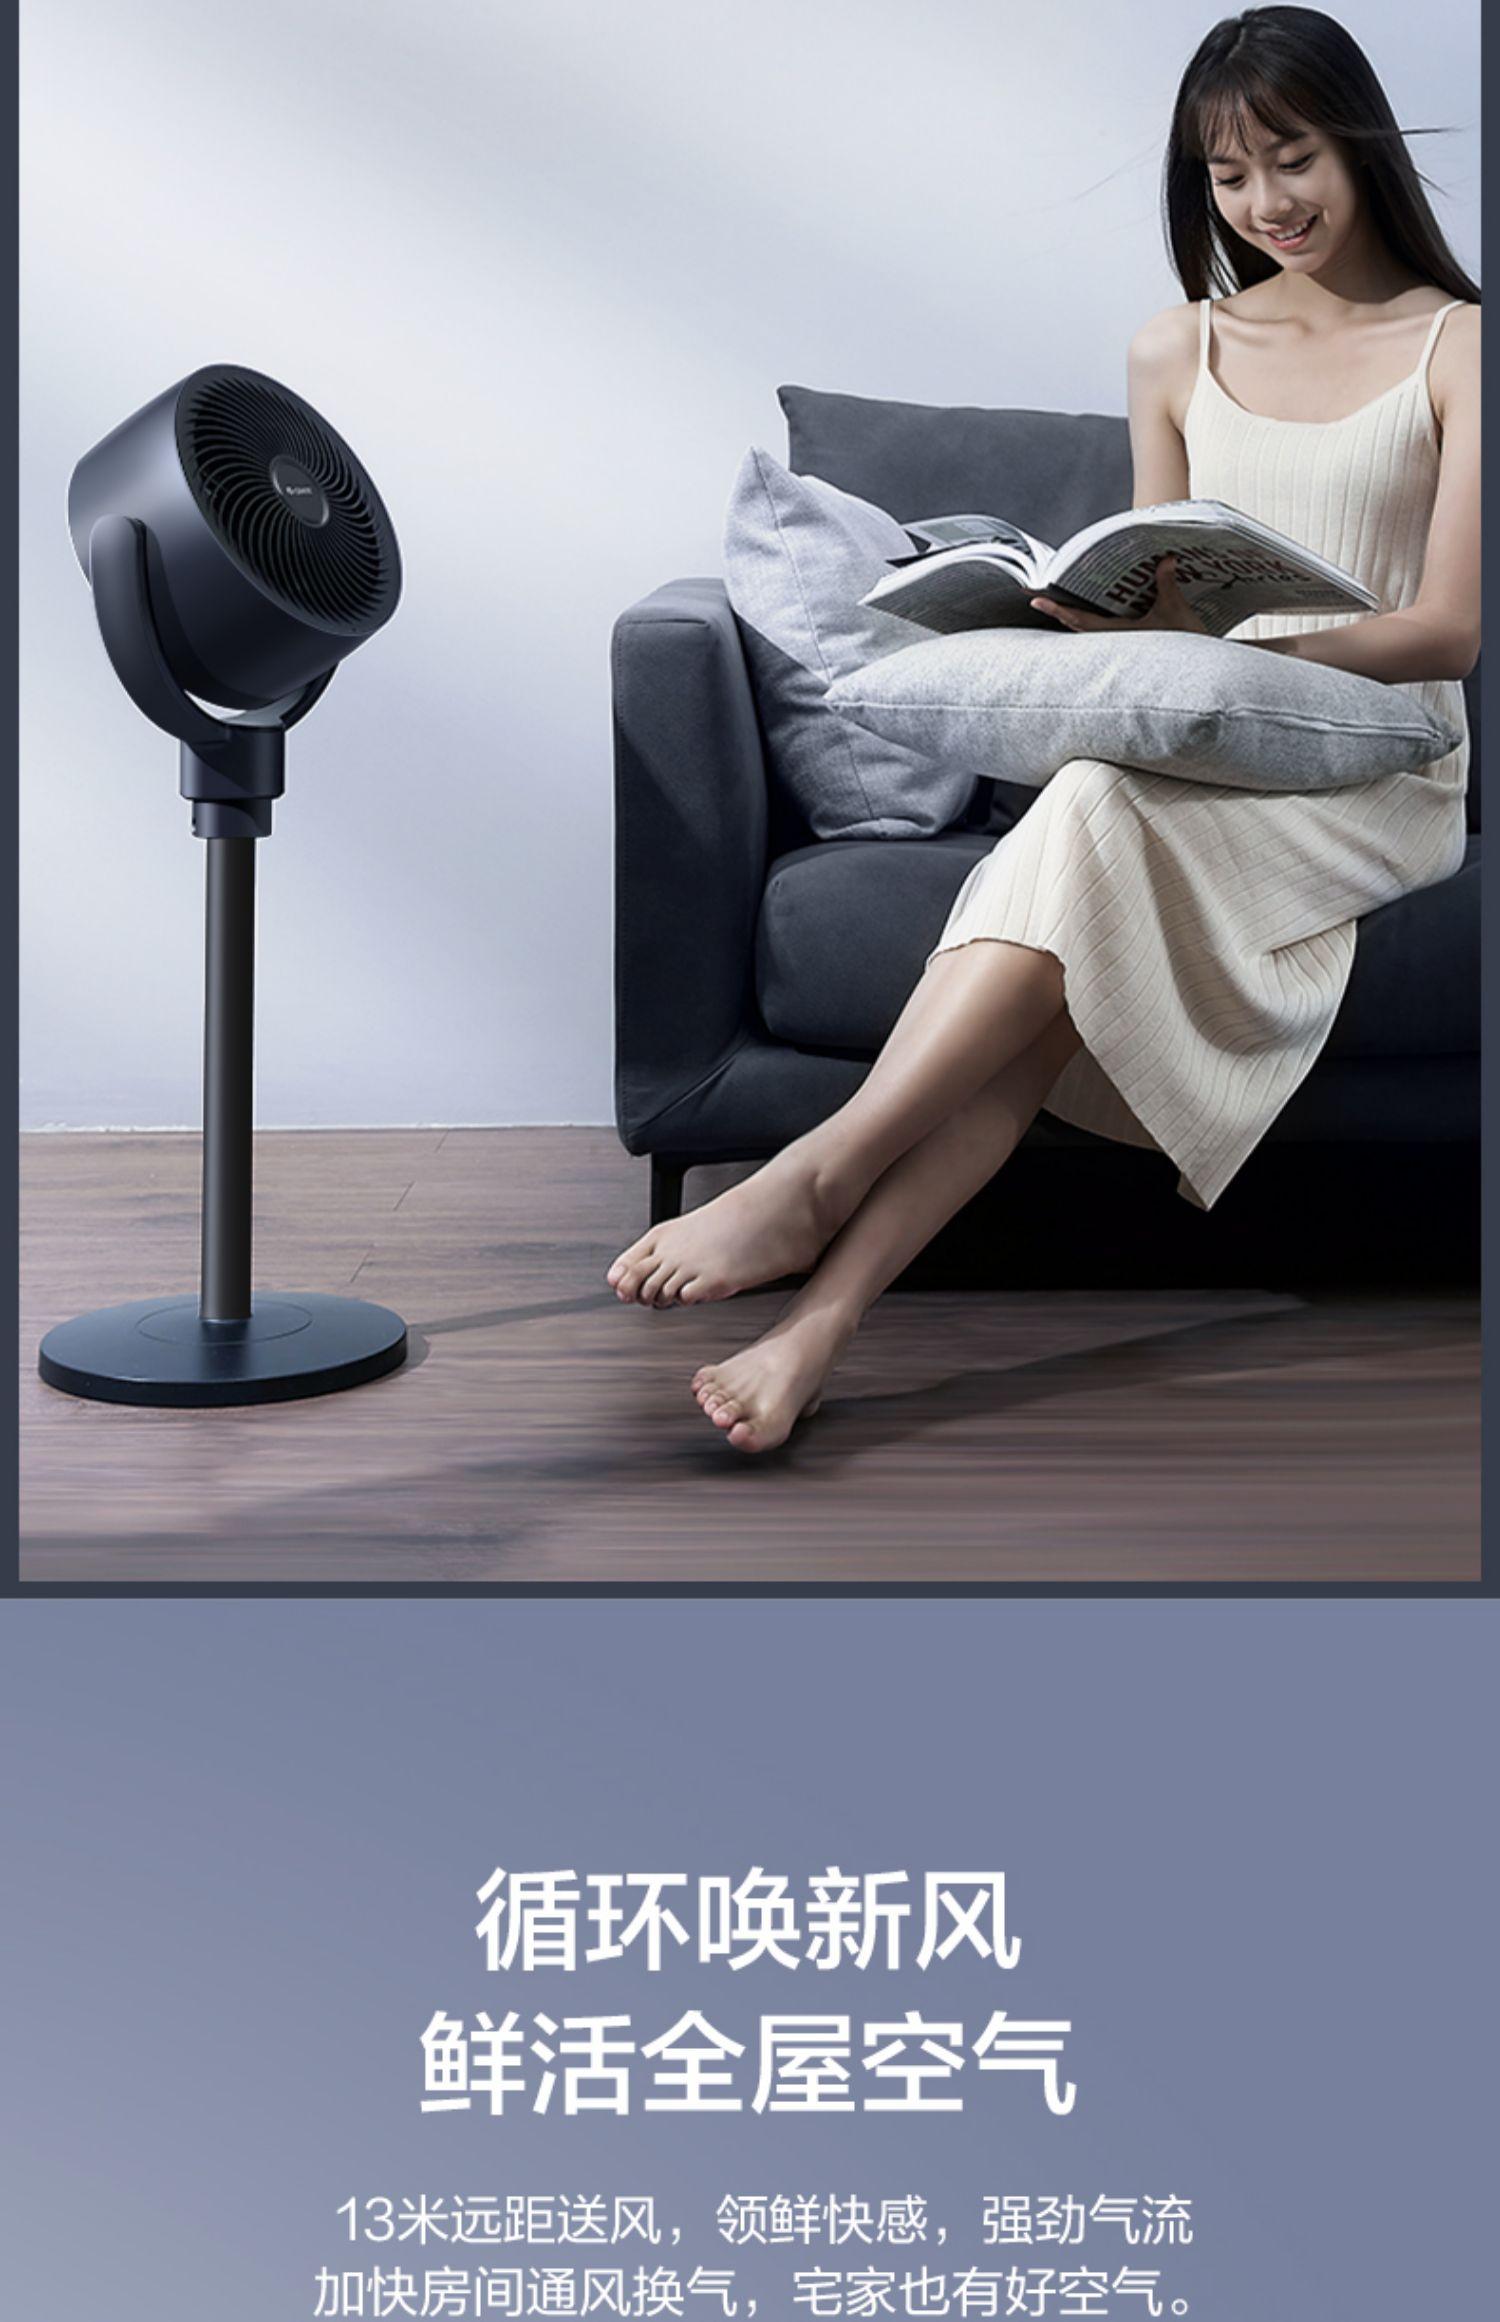 【格力】空气循环扇家用静音落地遥控风扇